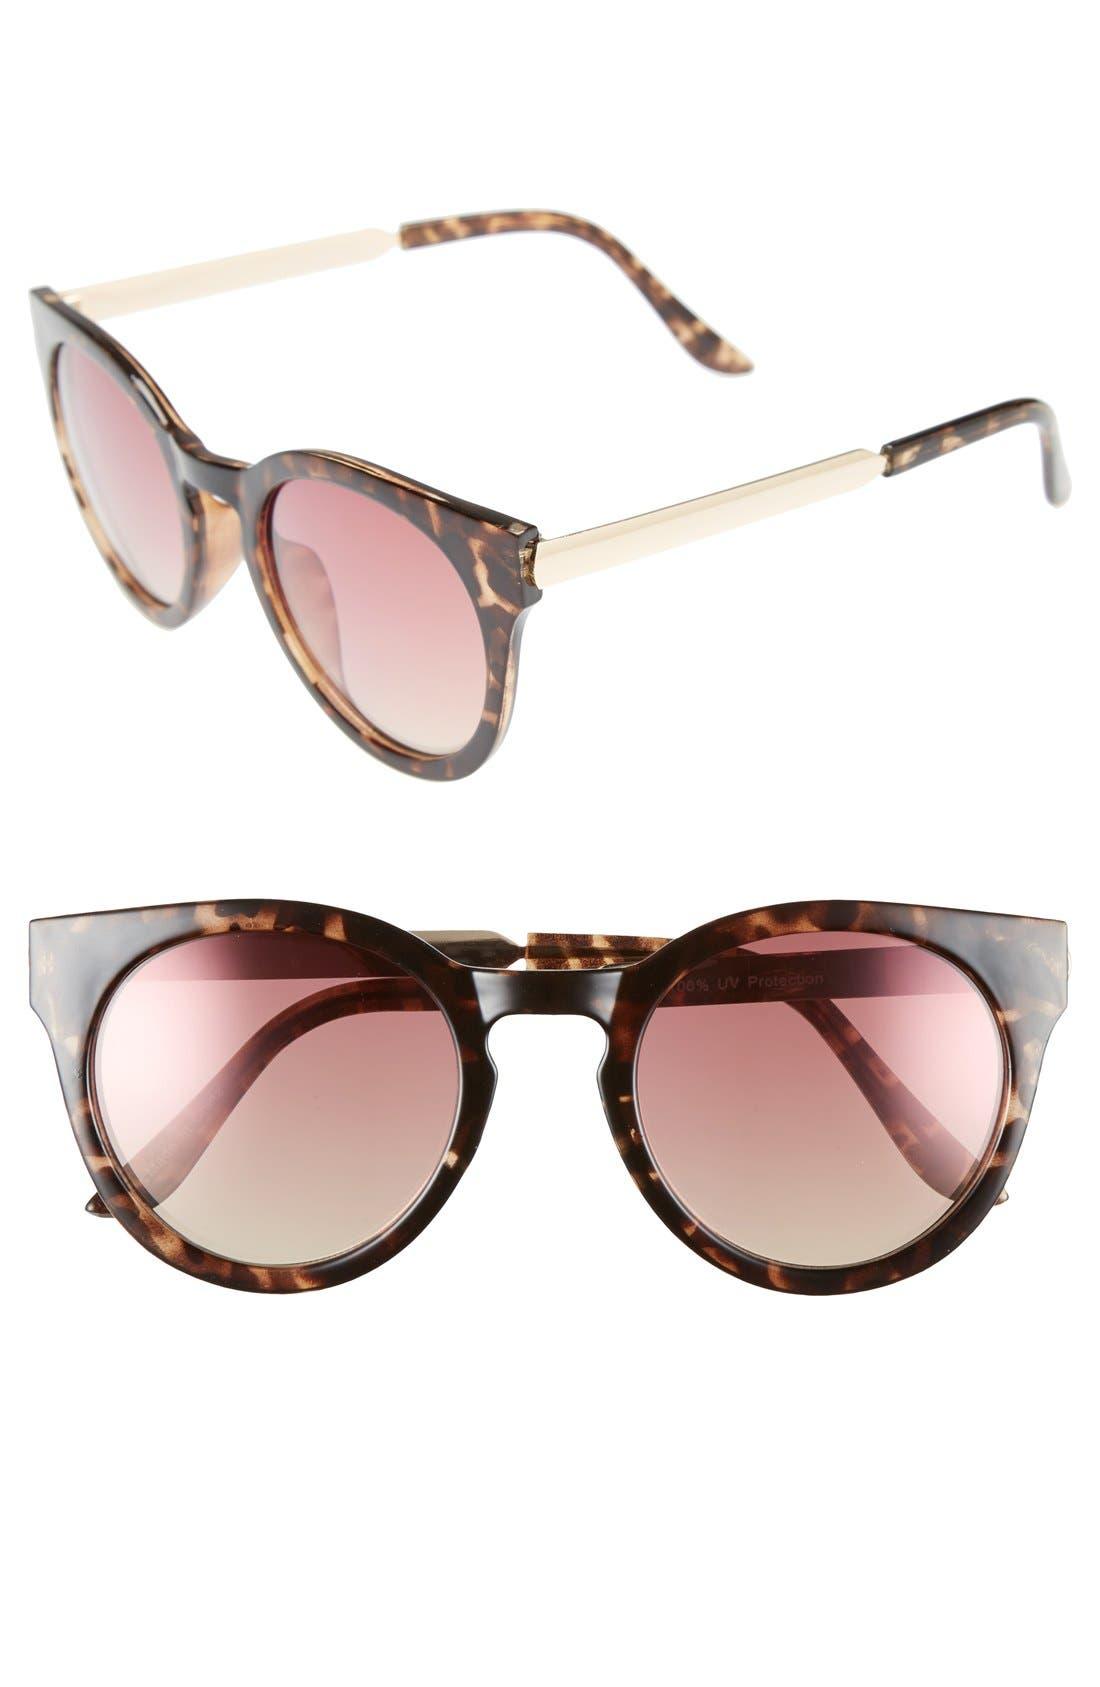 Main Image - BP. 55mm Mirrored Round Sunglasses